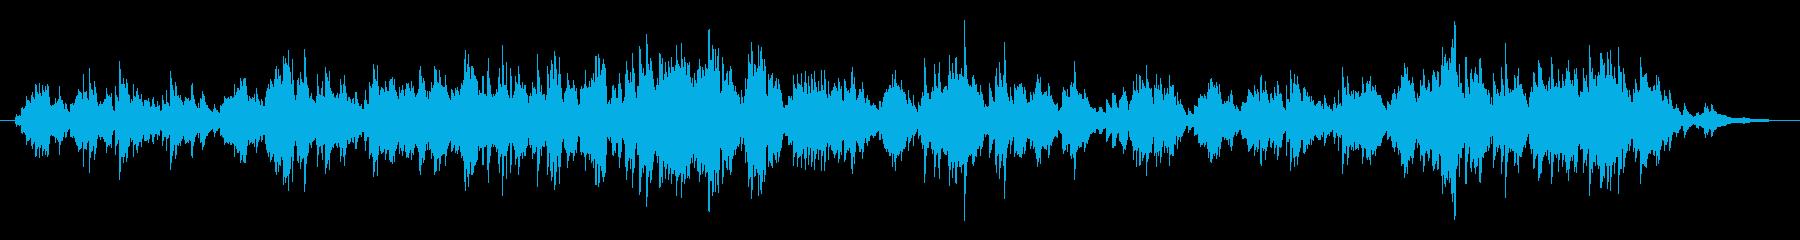 ロマンチックでクラシカルなピアノ曲の再生済みの波形